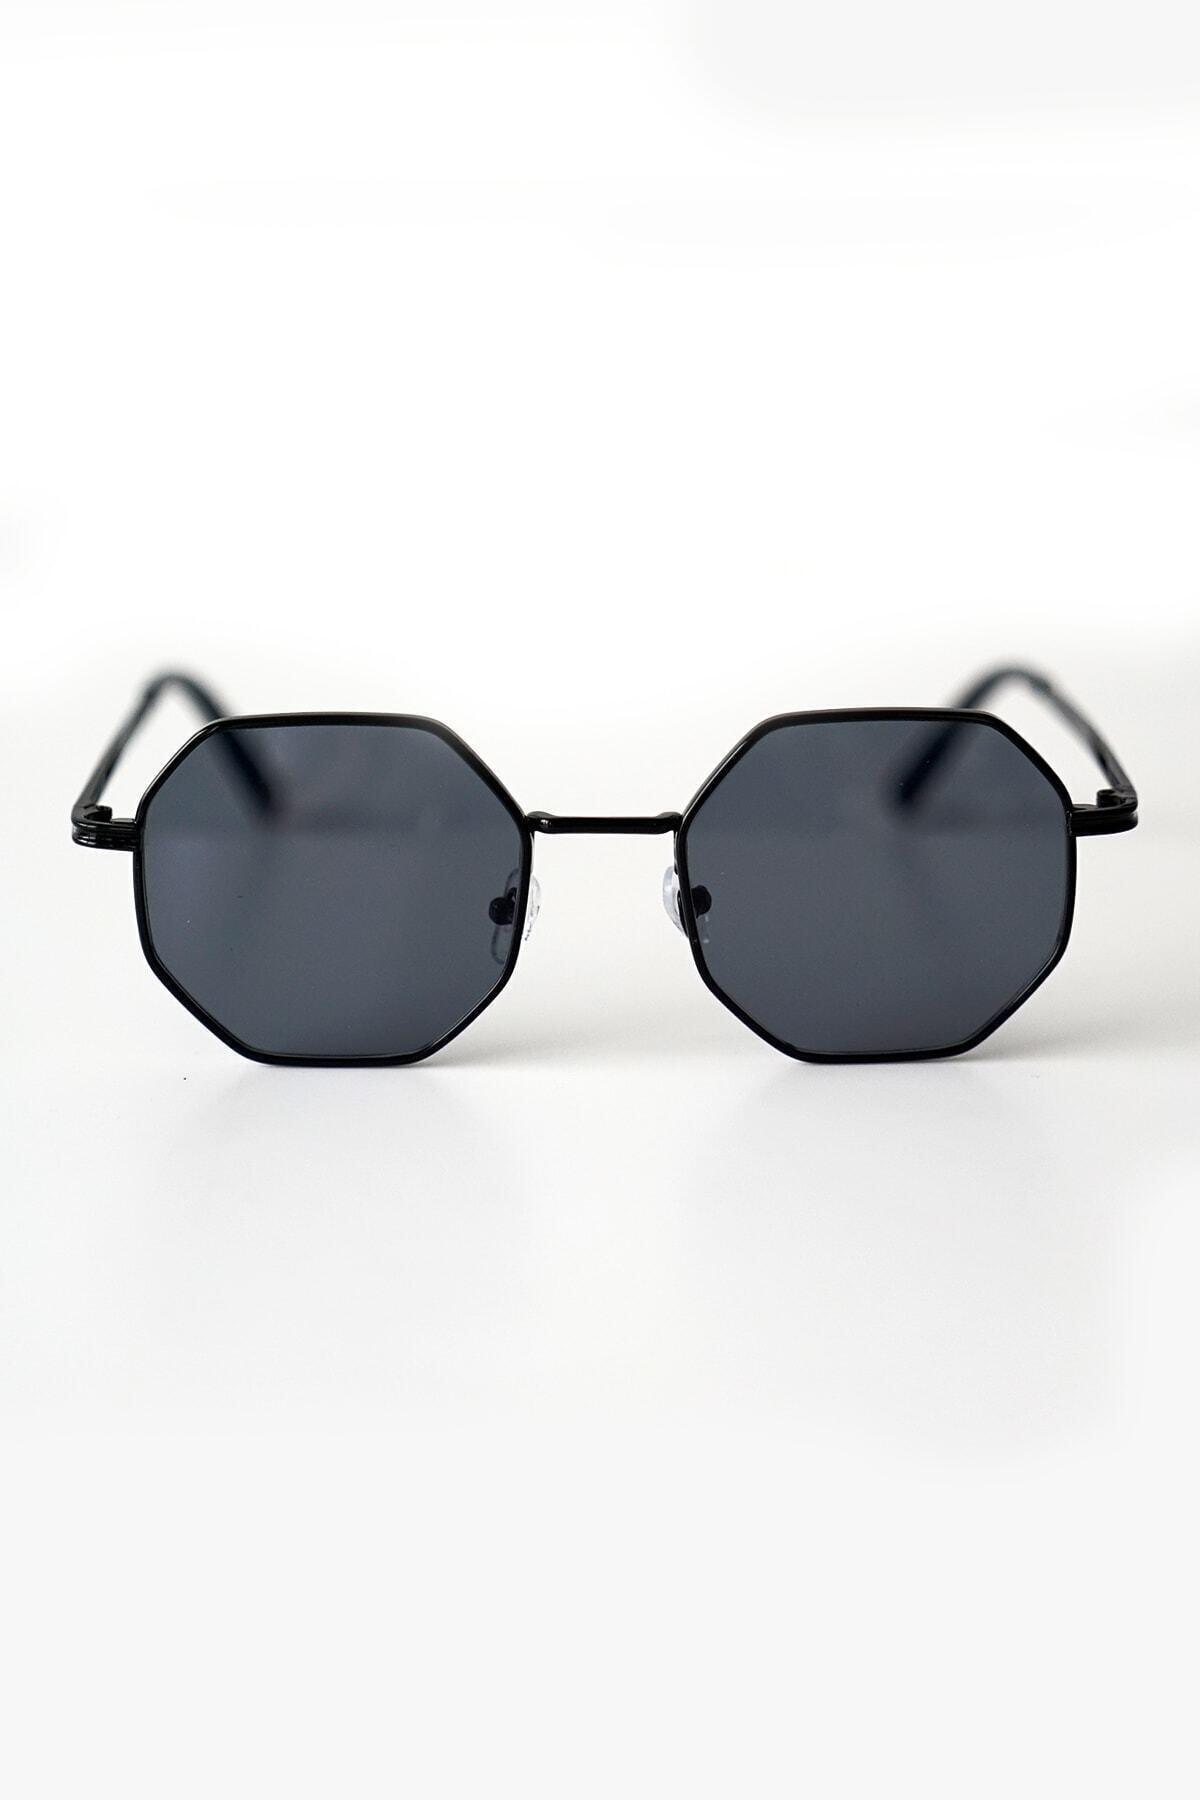 عینک آفتابی زنانه طرح دار برند aksesuargo رنگ مشکی کد ty40575731